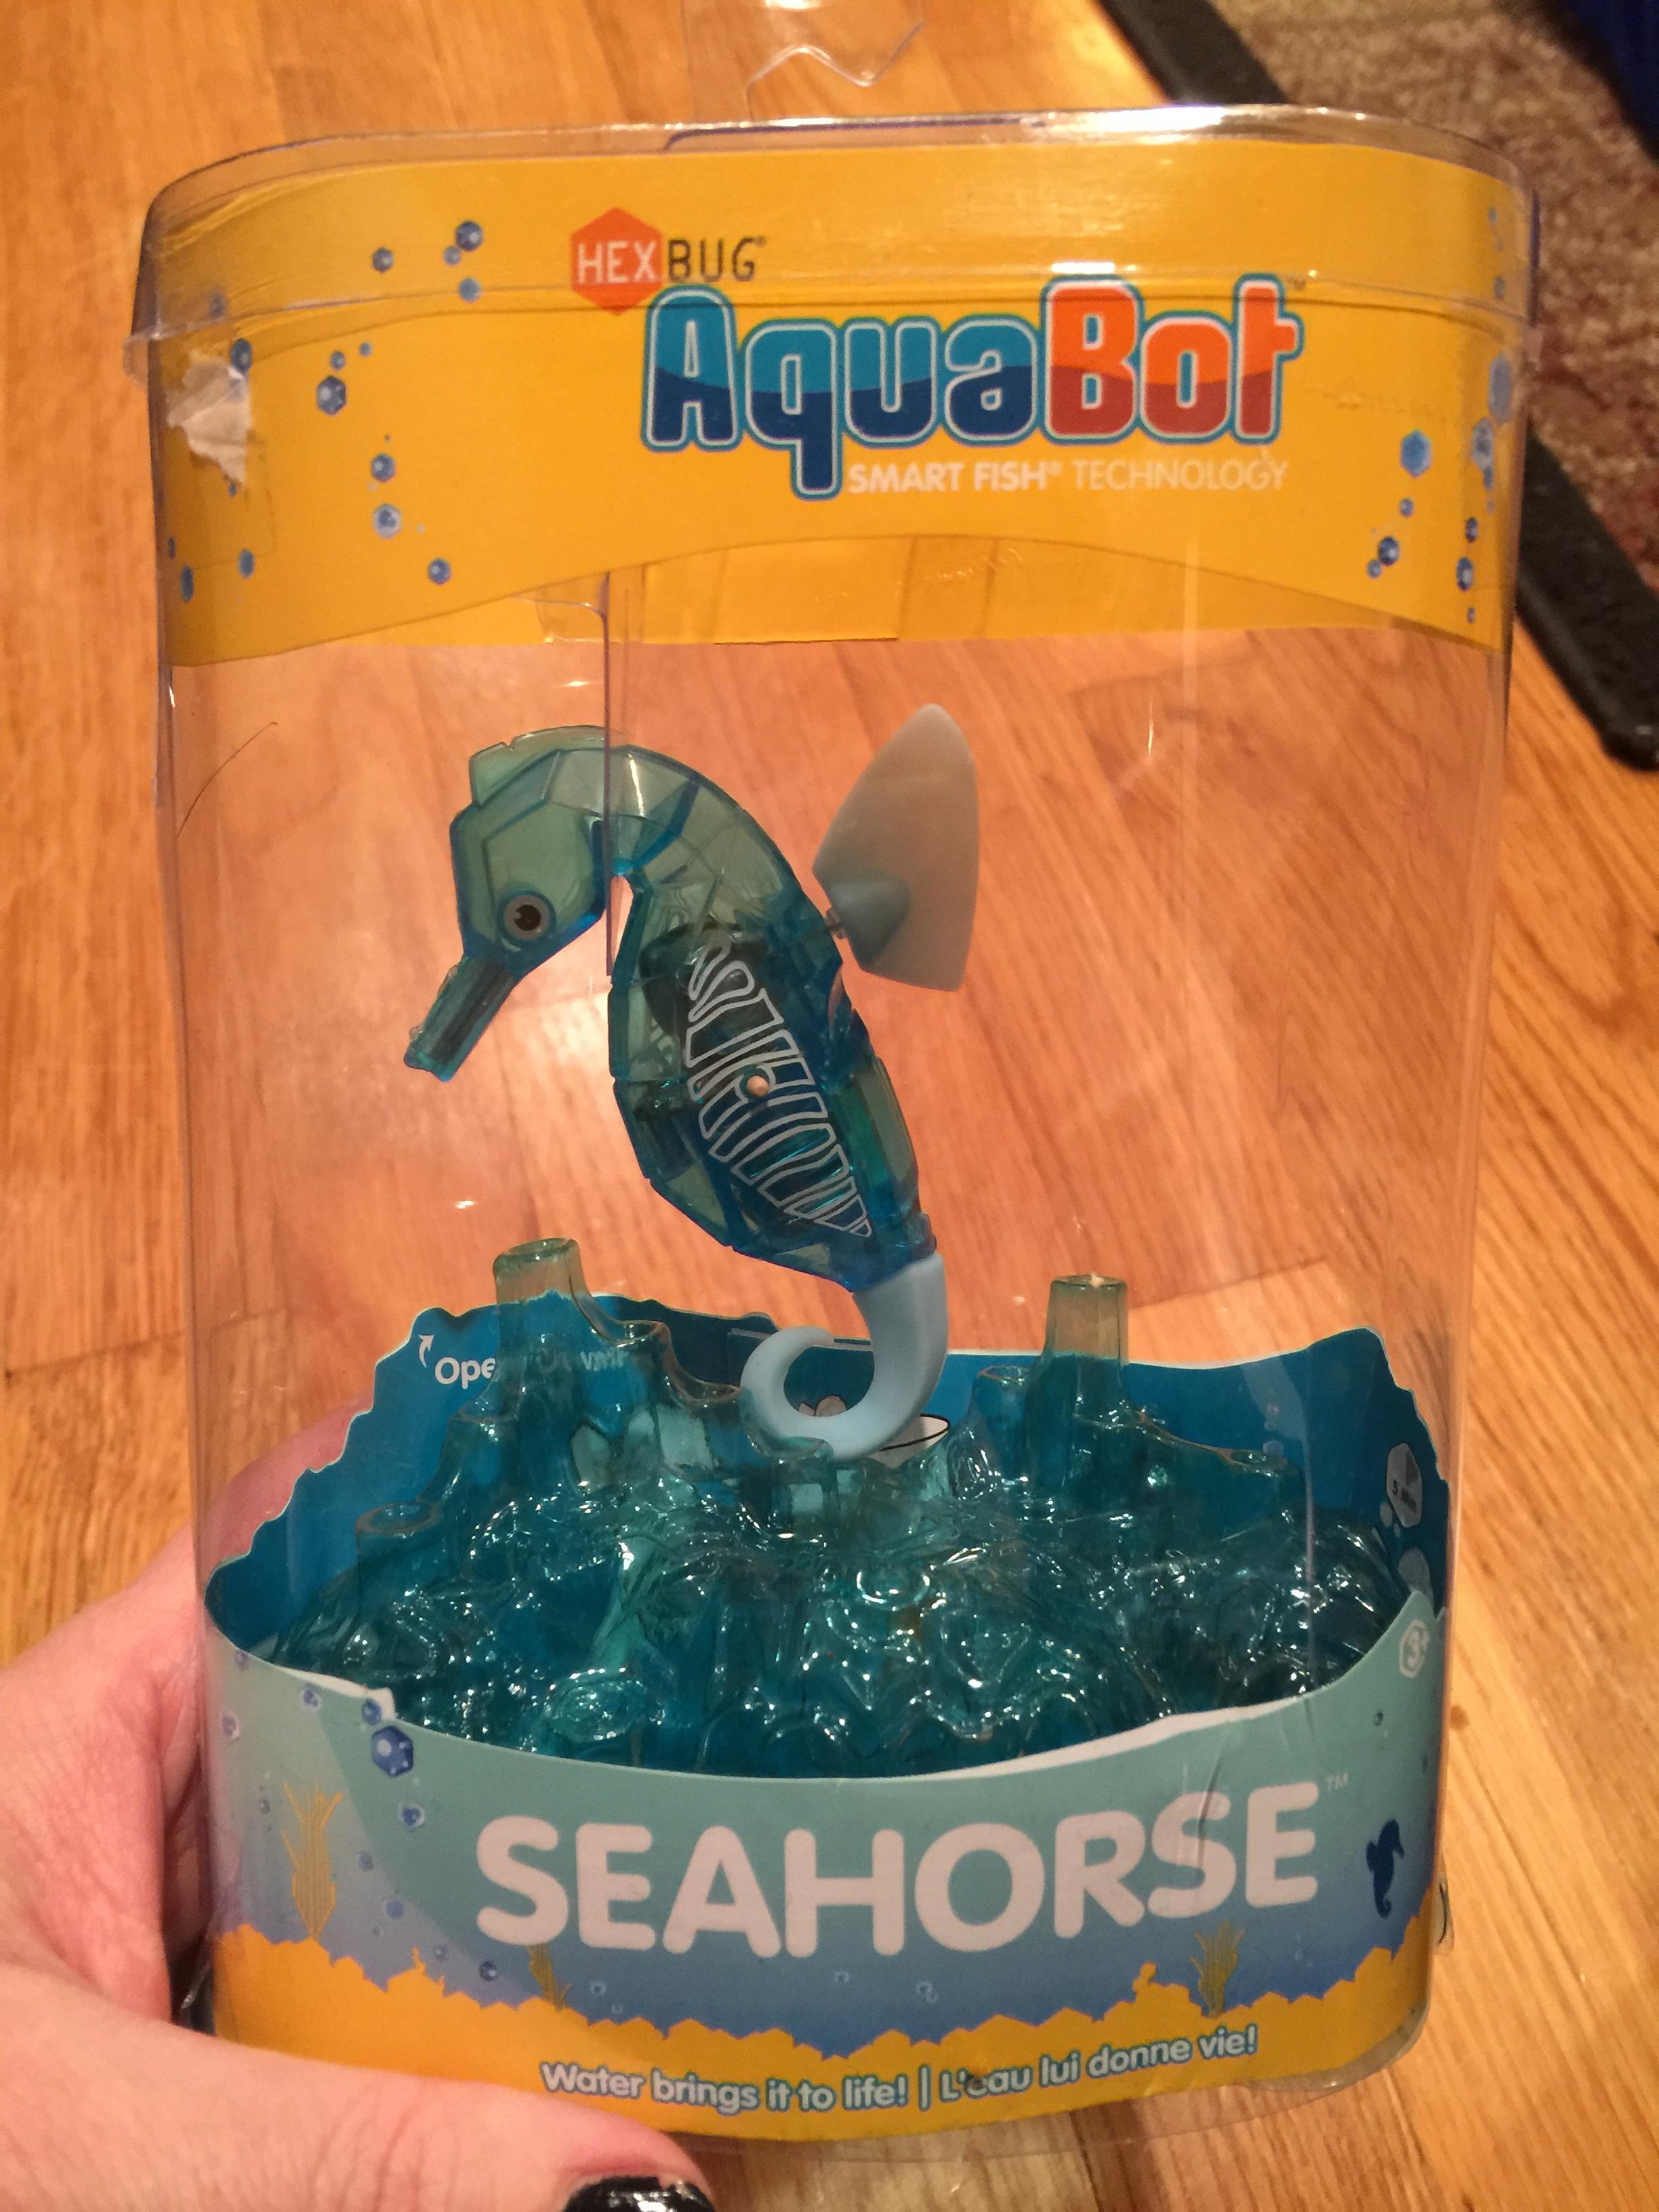 HEXBUG_Seahorse